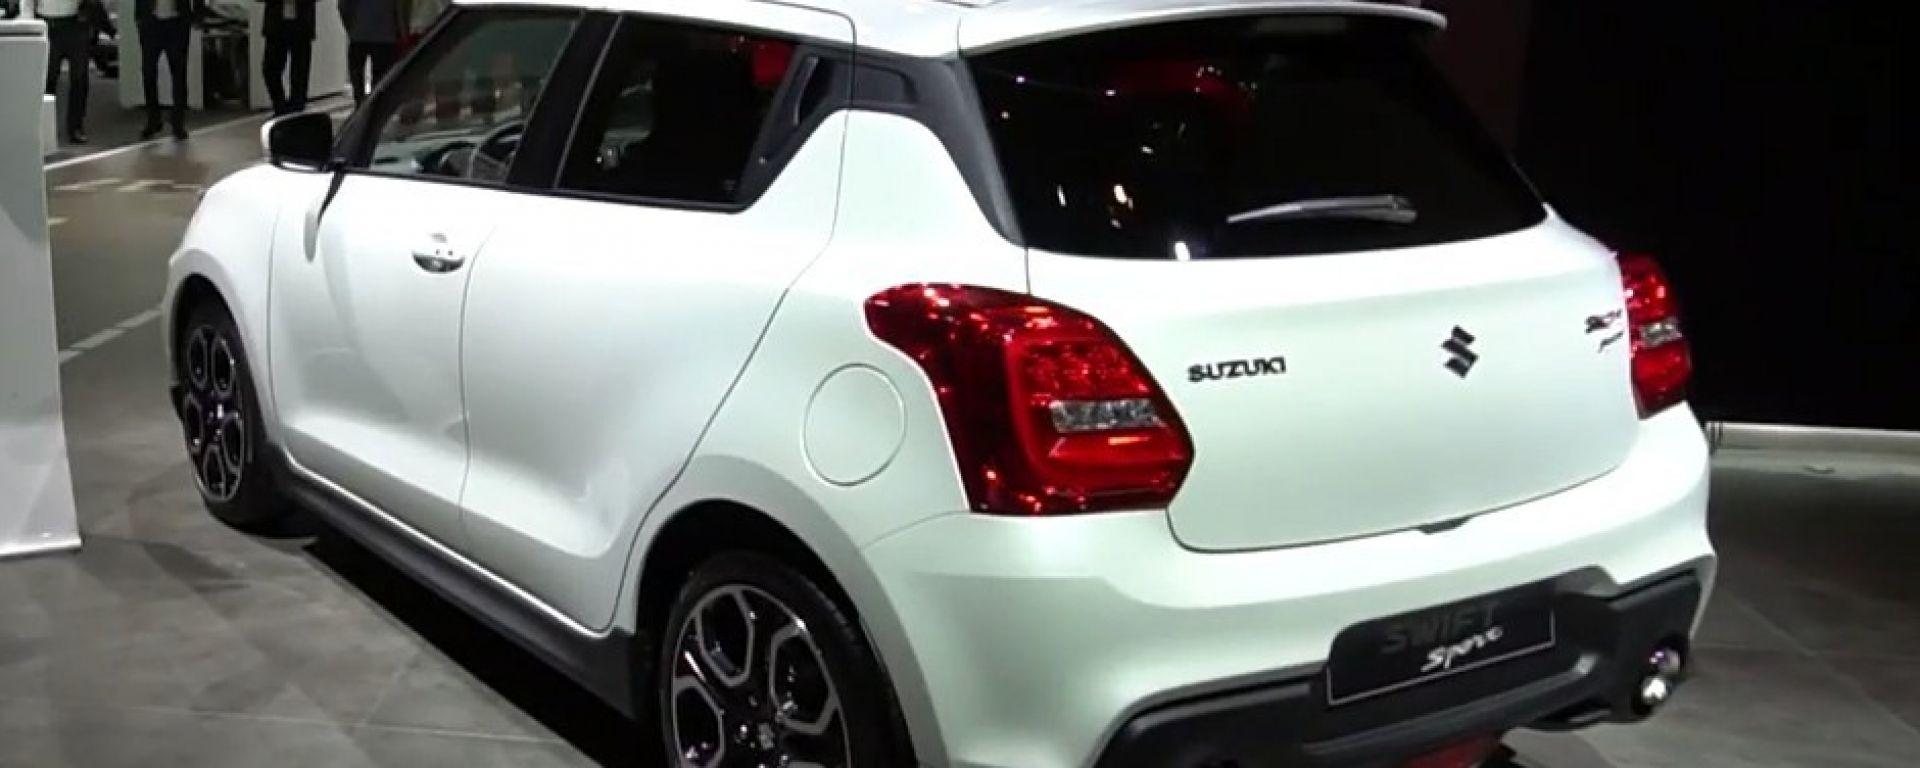 Nuova Suzuki Swift Sport, debutto a Francoforte